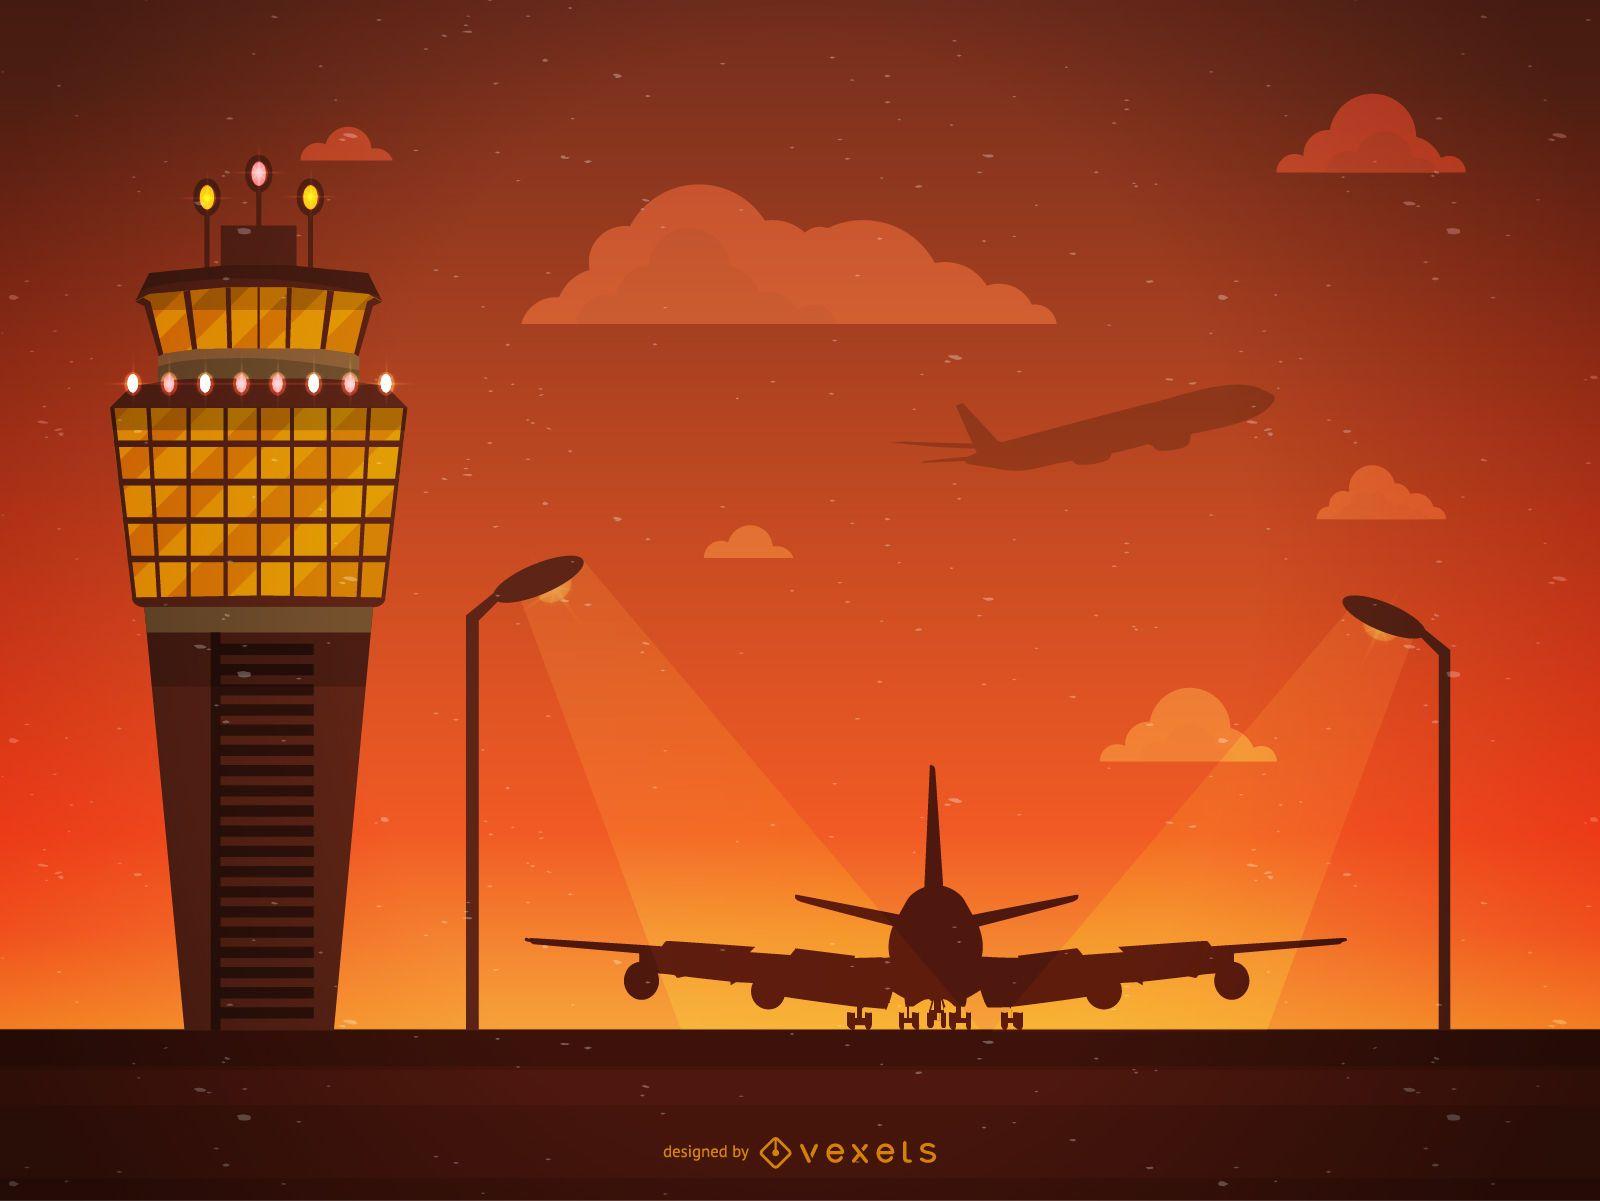 Ilustración de la torre de control del aeropuerto